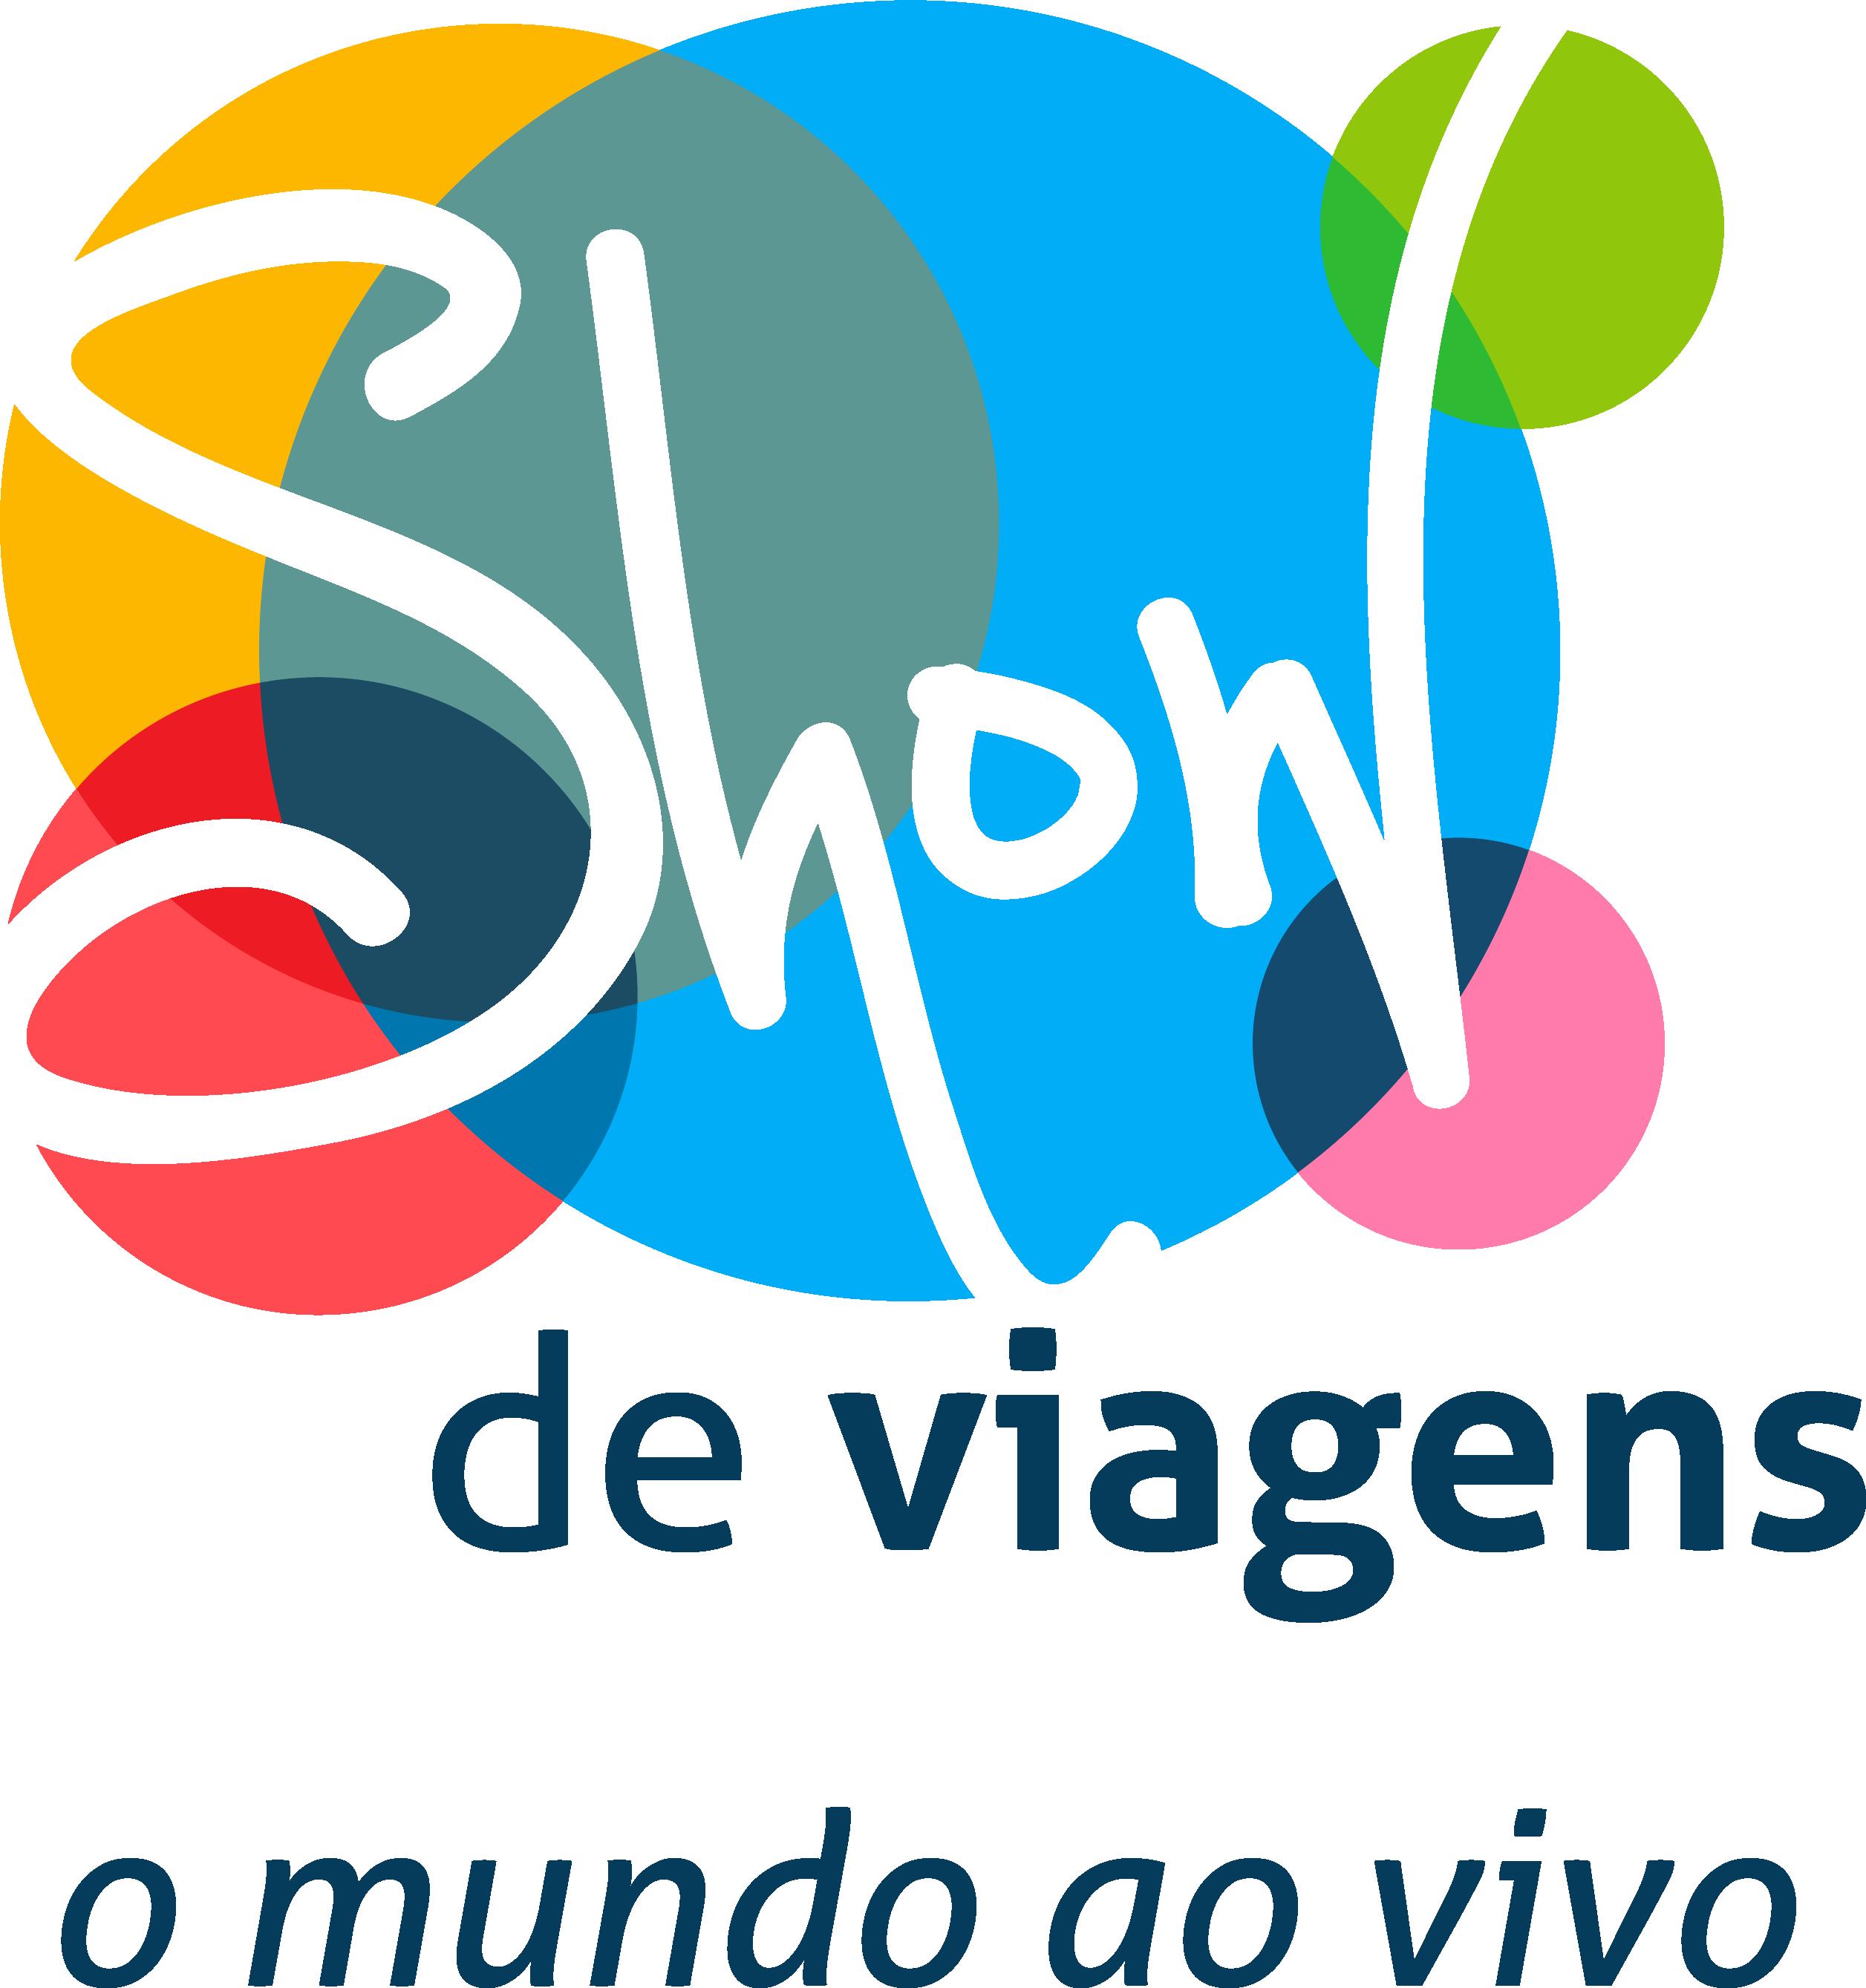 SHOW DE VIAGENS